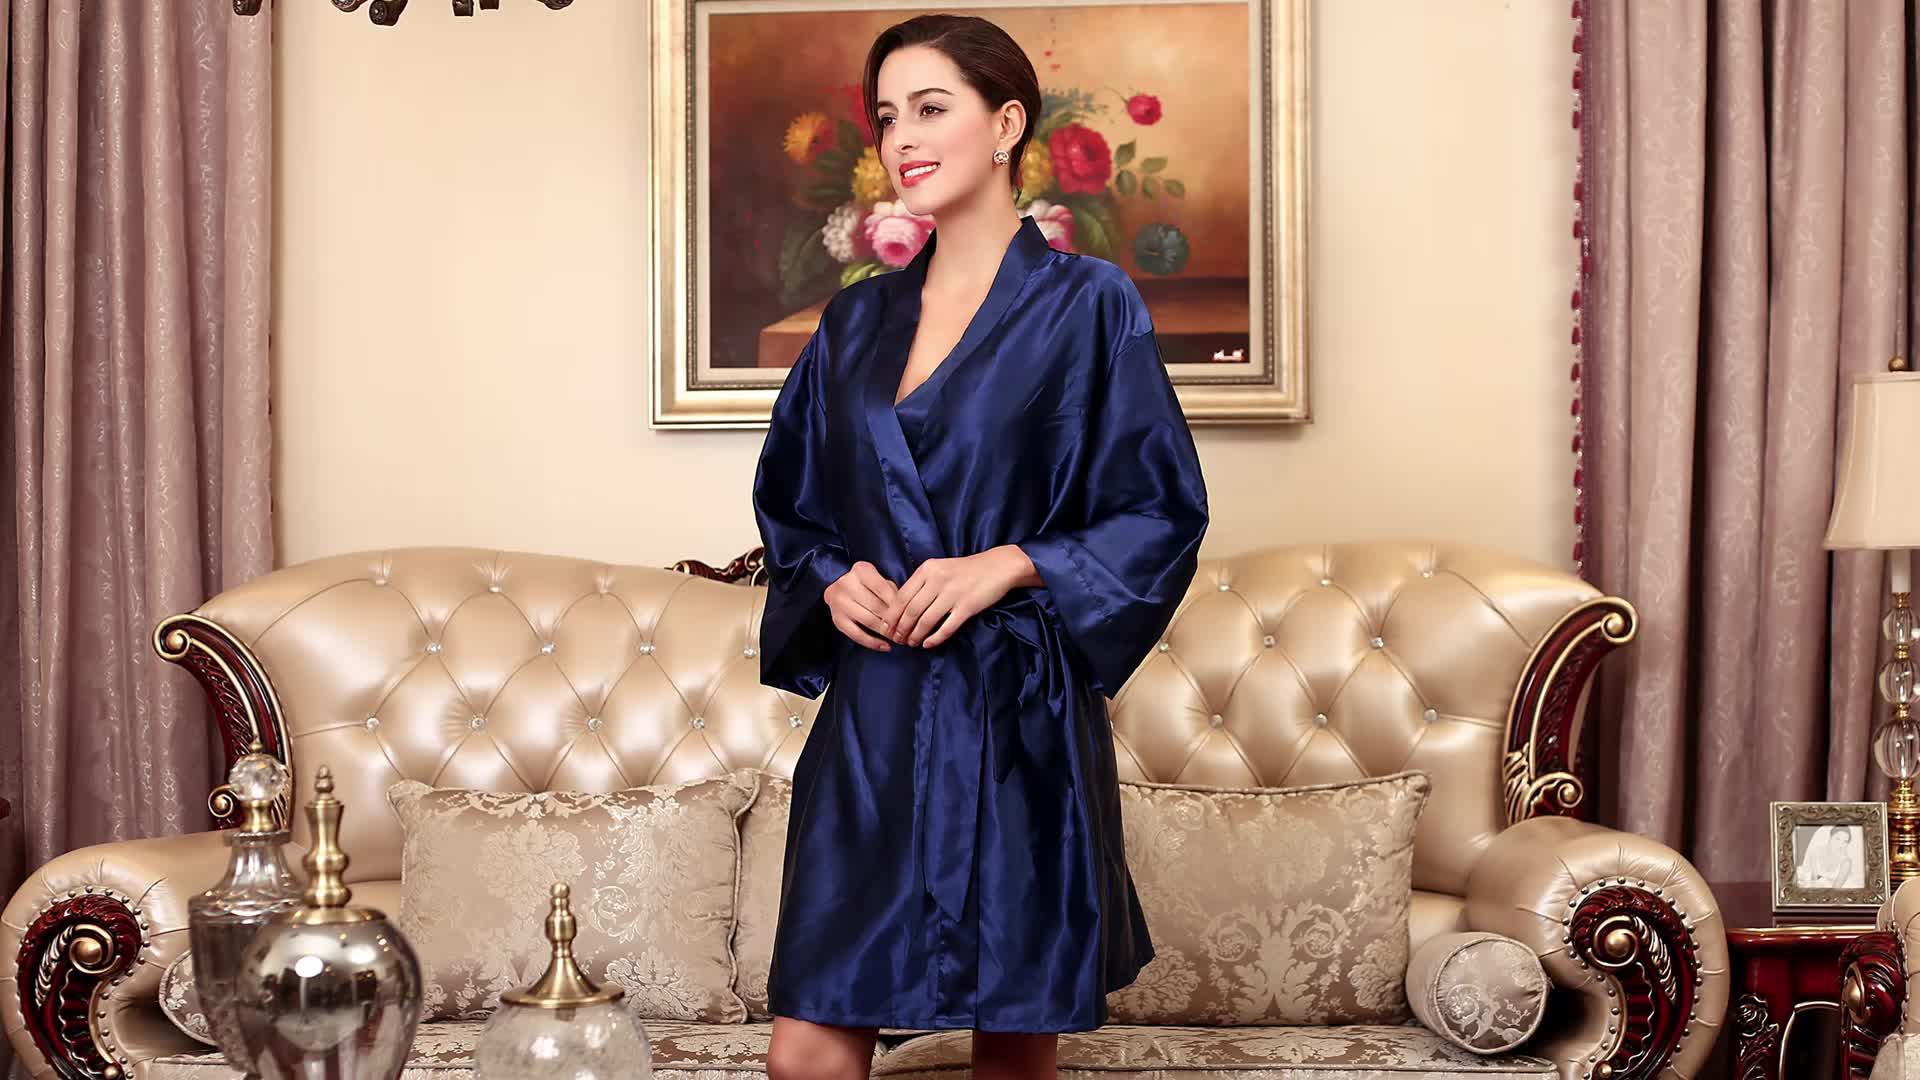 Popolari di vendita caldi solido sexy kimono di seta da sposa abito di raso abiti da damigella d'onore per il partito